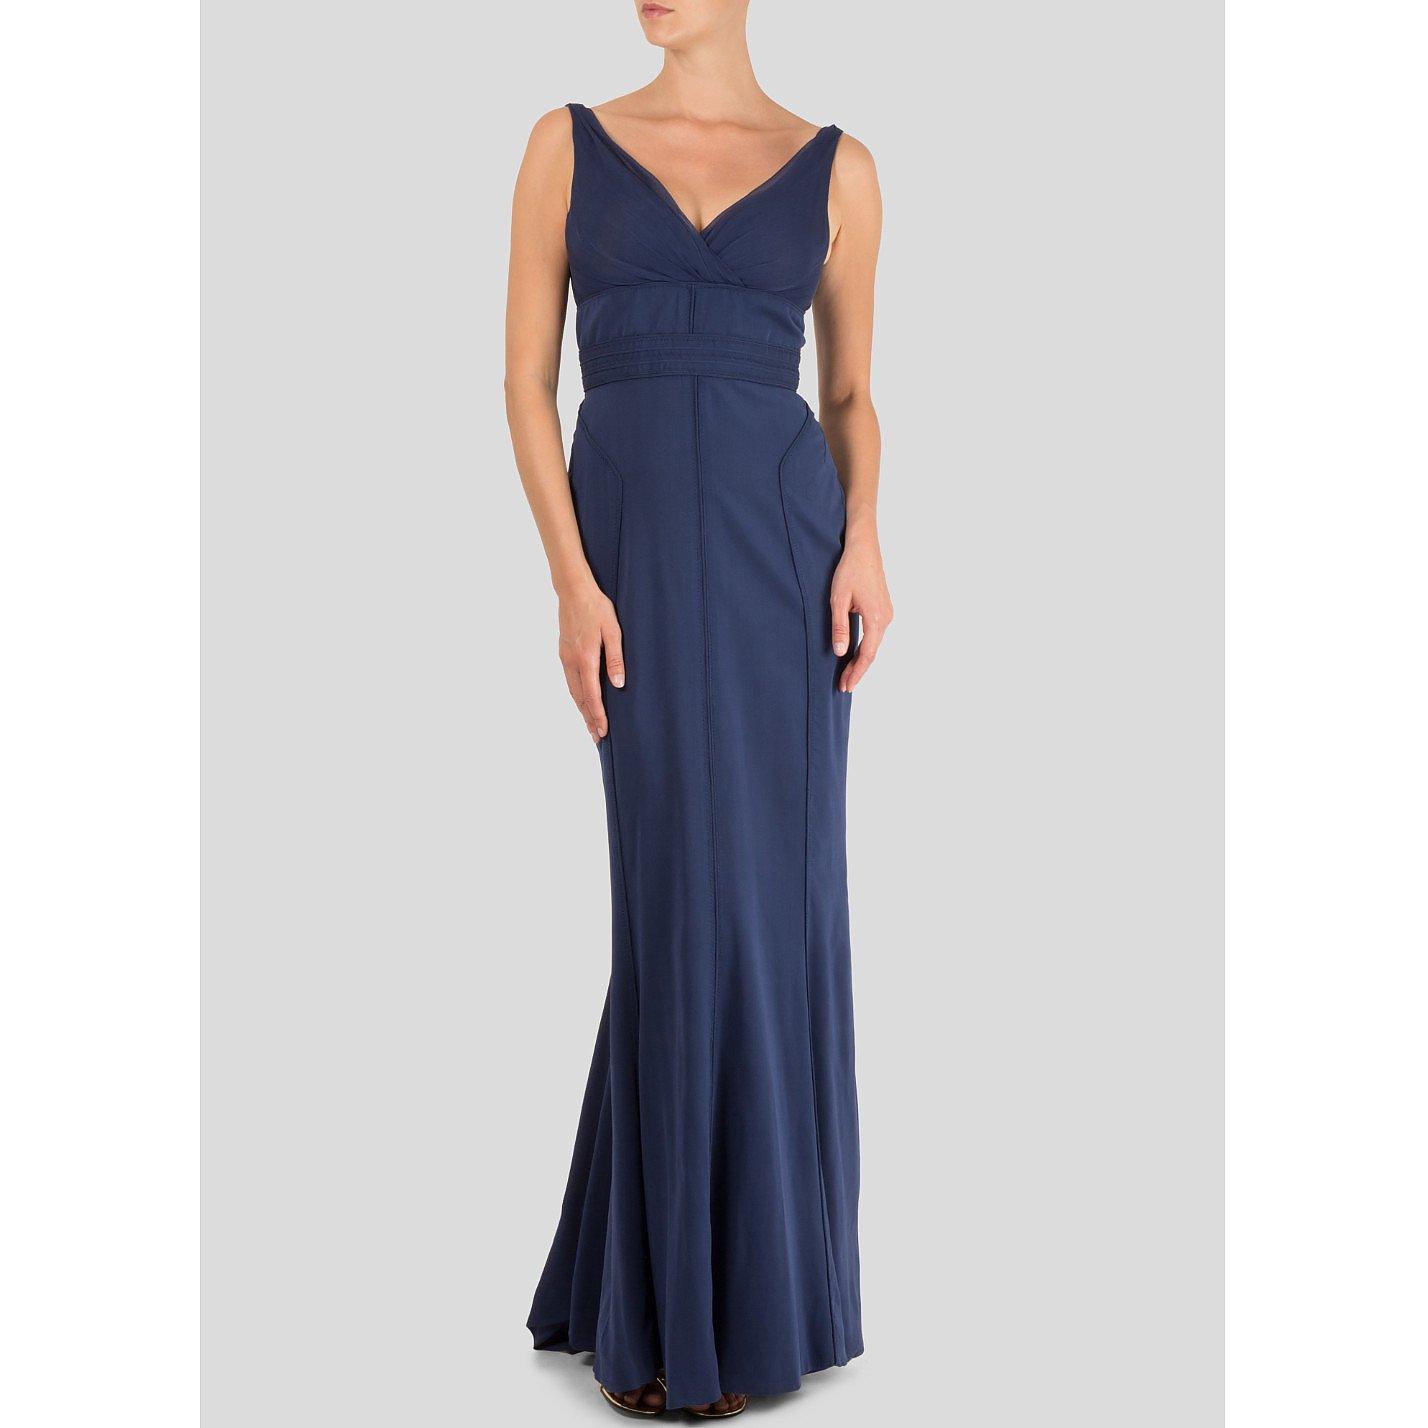 Zac Posen Sleeveless Topstiched Silk Gown